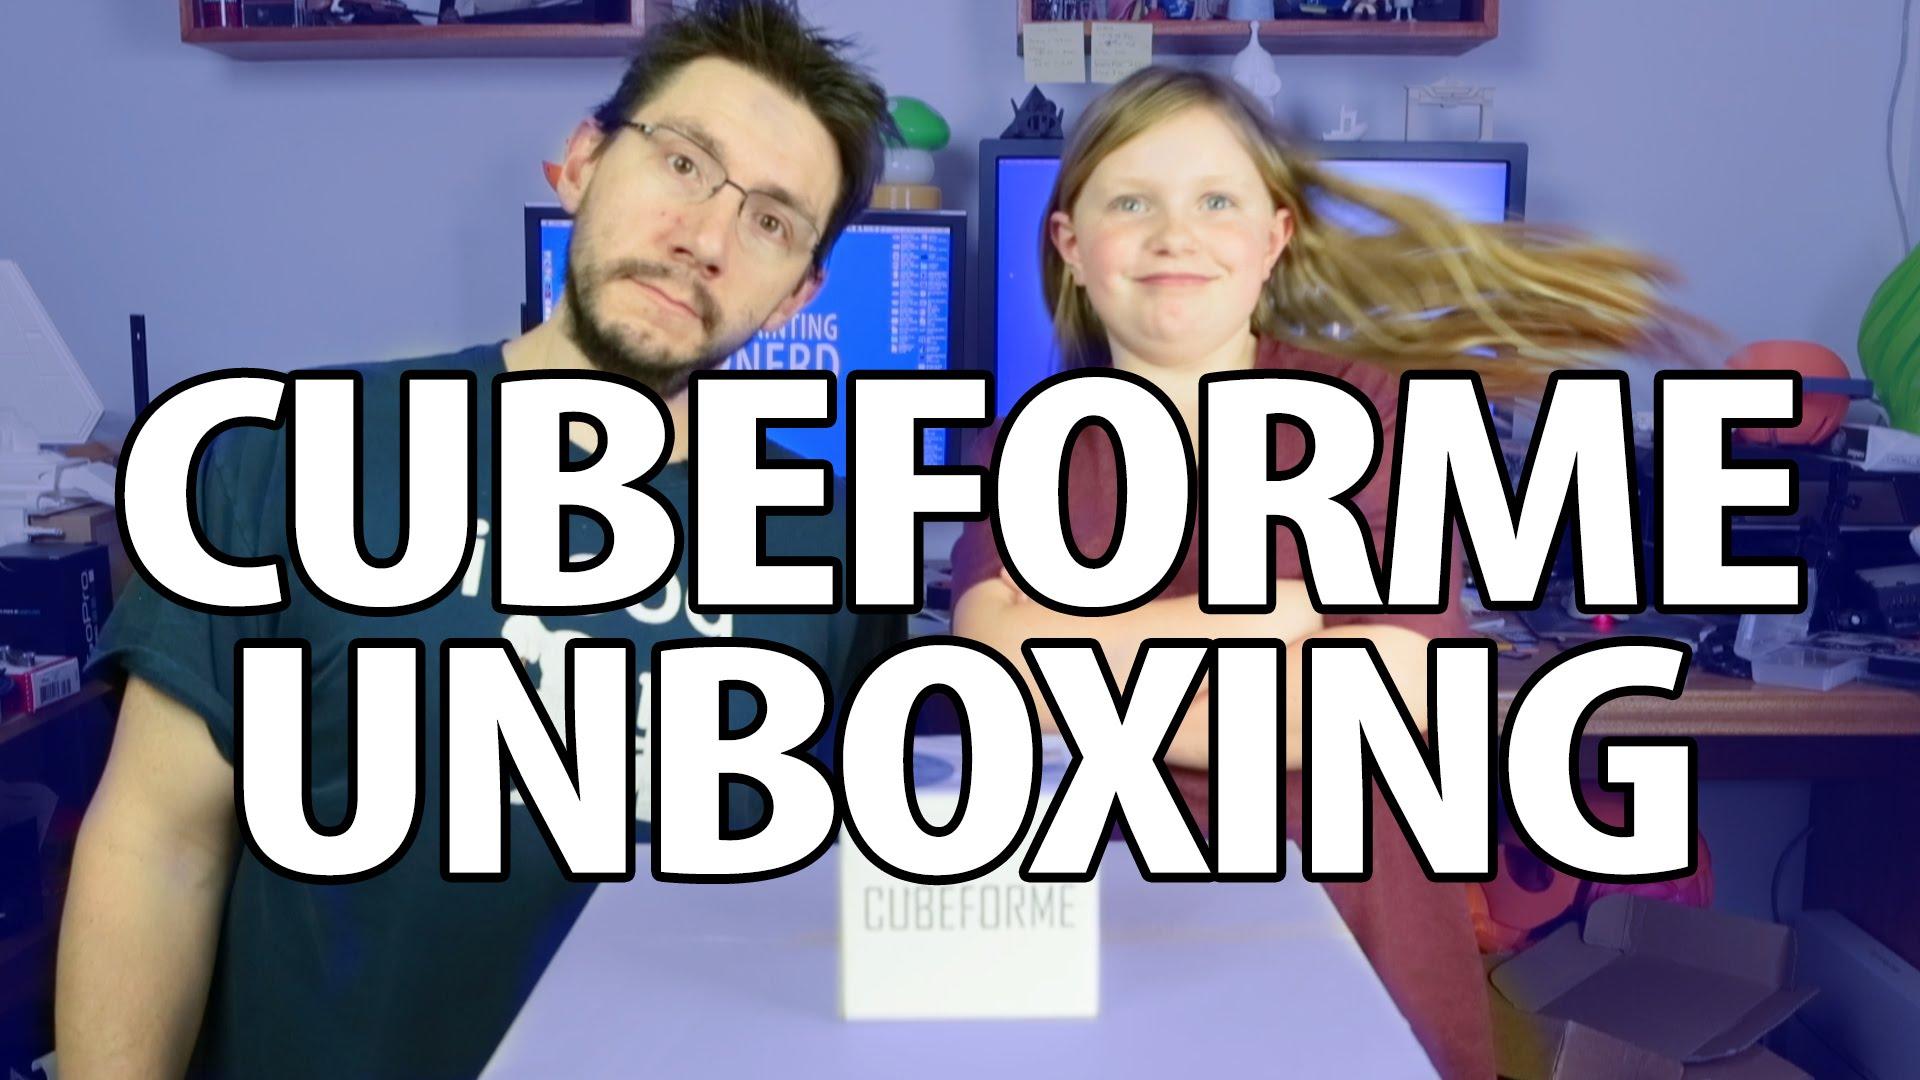 CUBEFORME Unboxing